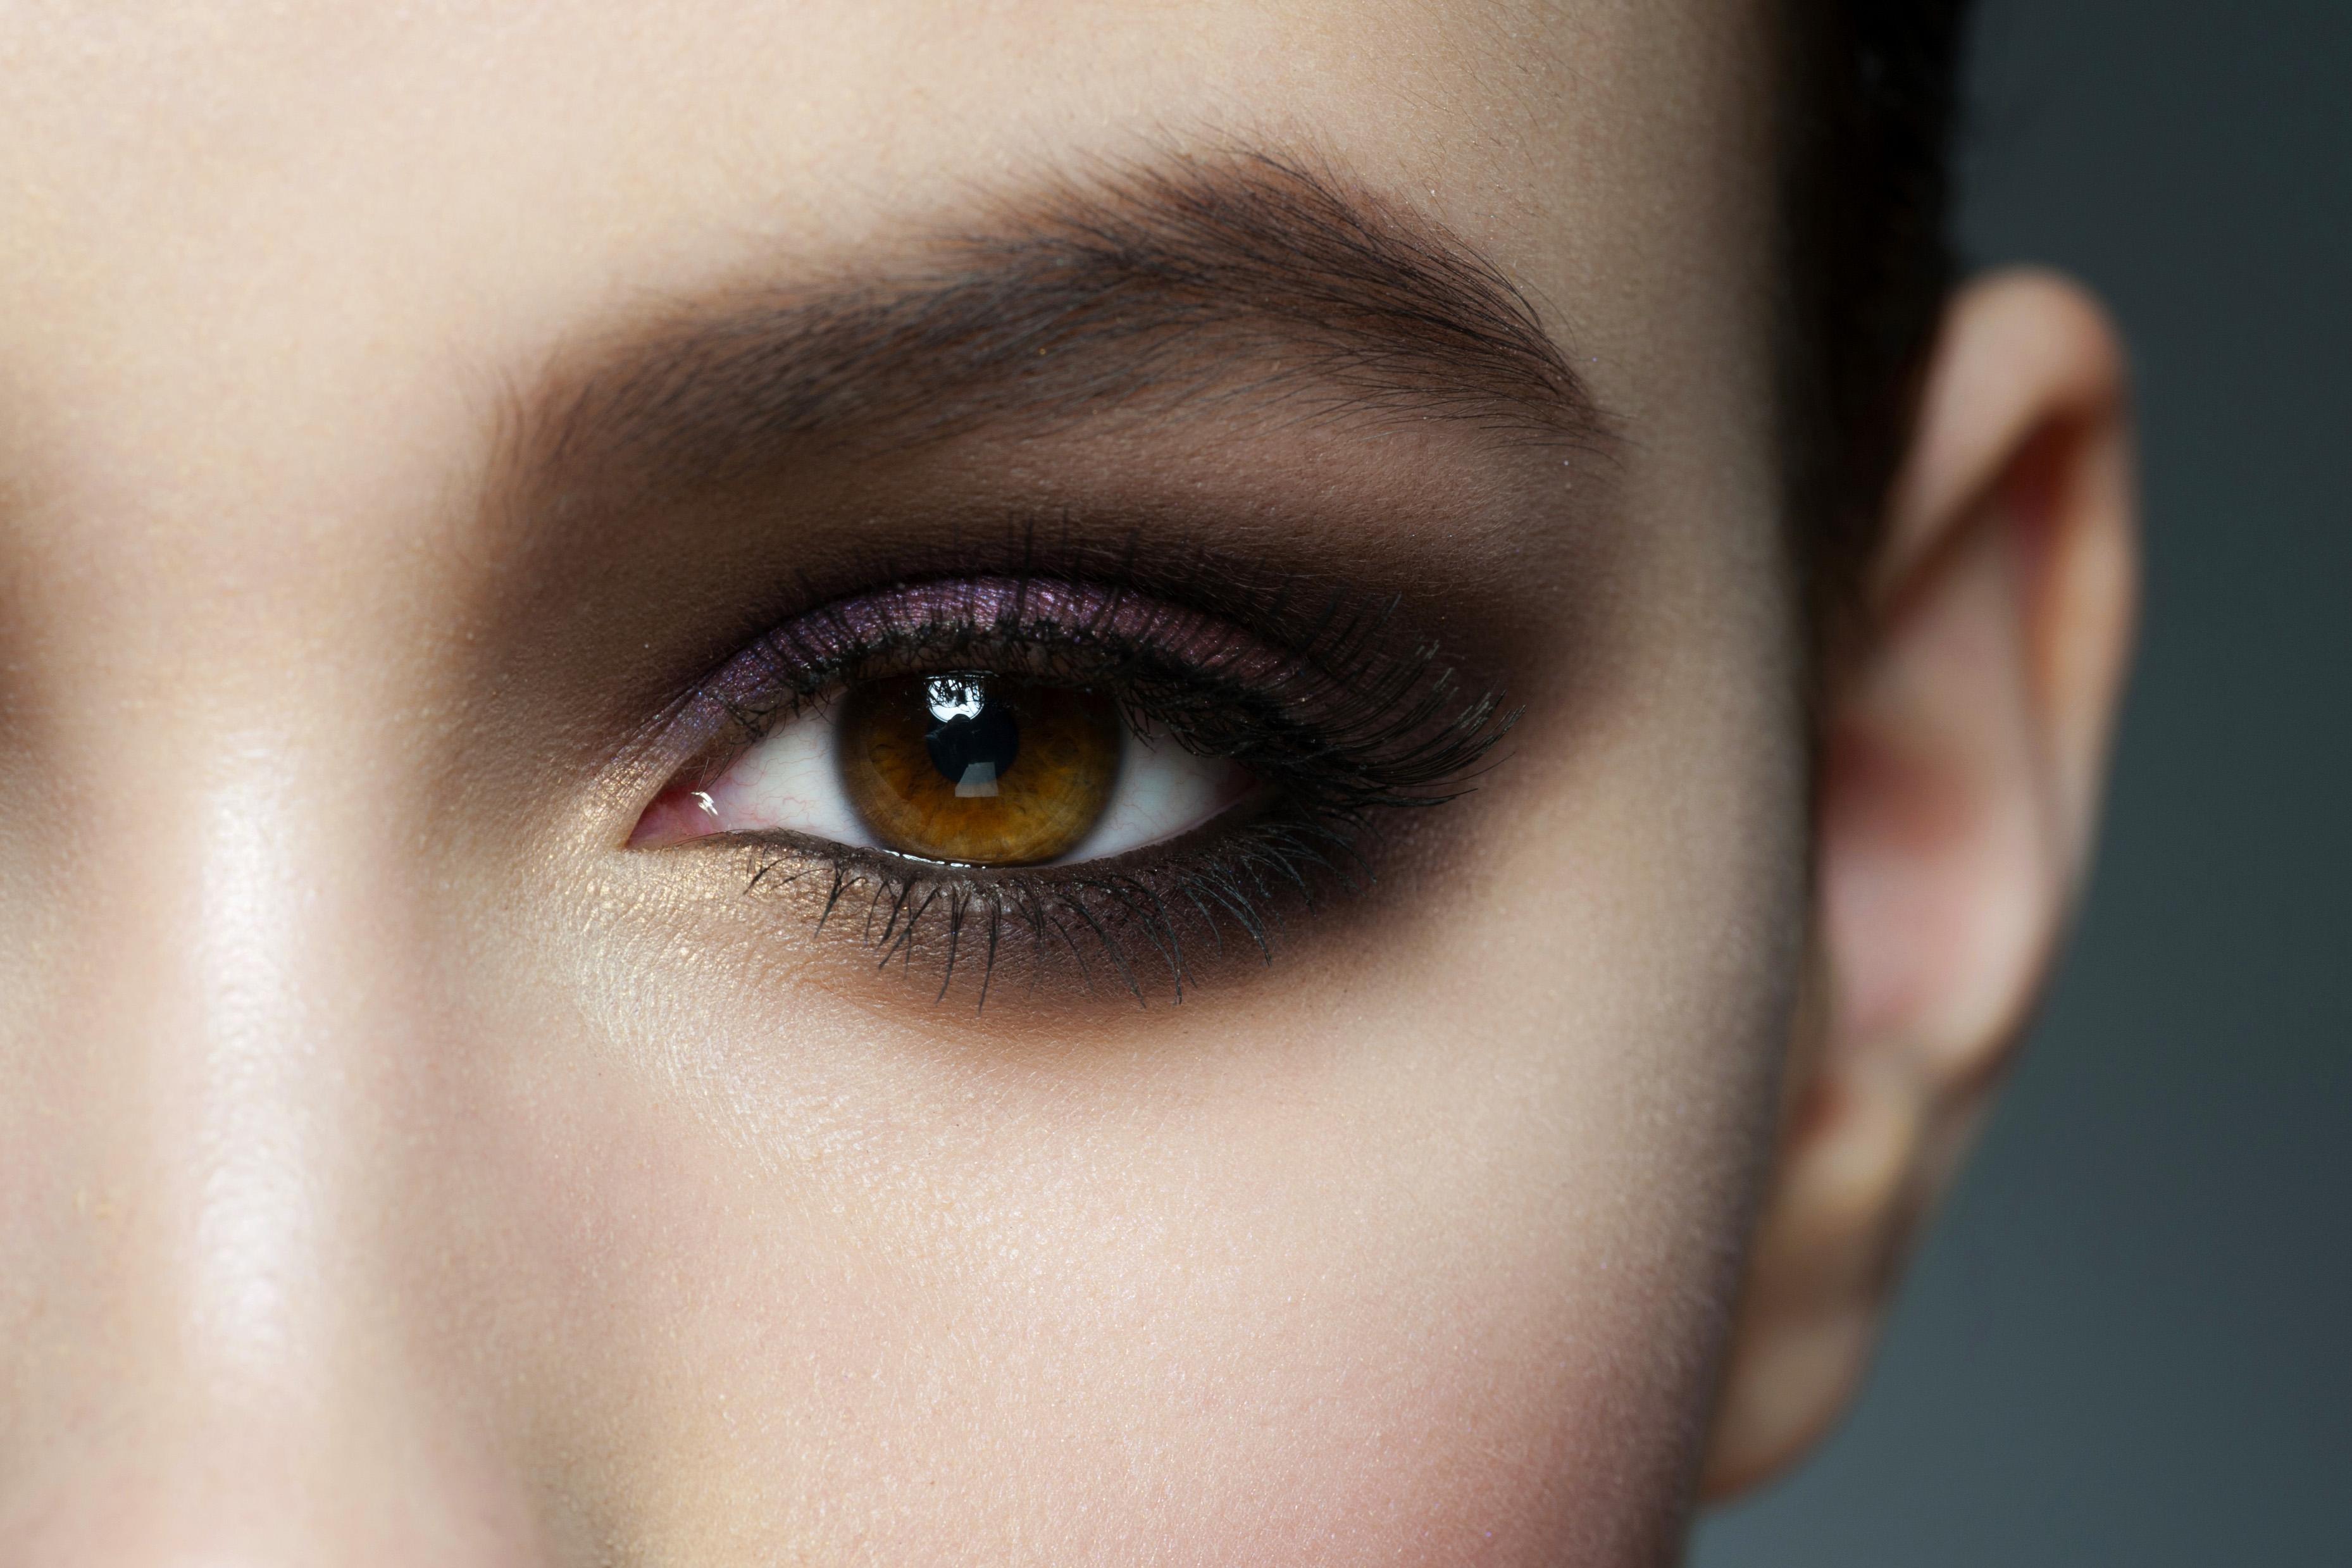 szem vigyáz a szemedre hogyan állította vissza Valeria a látását